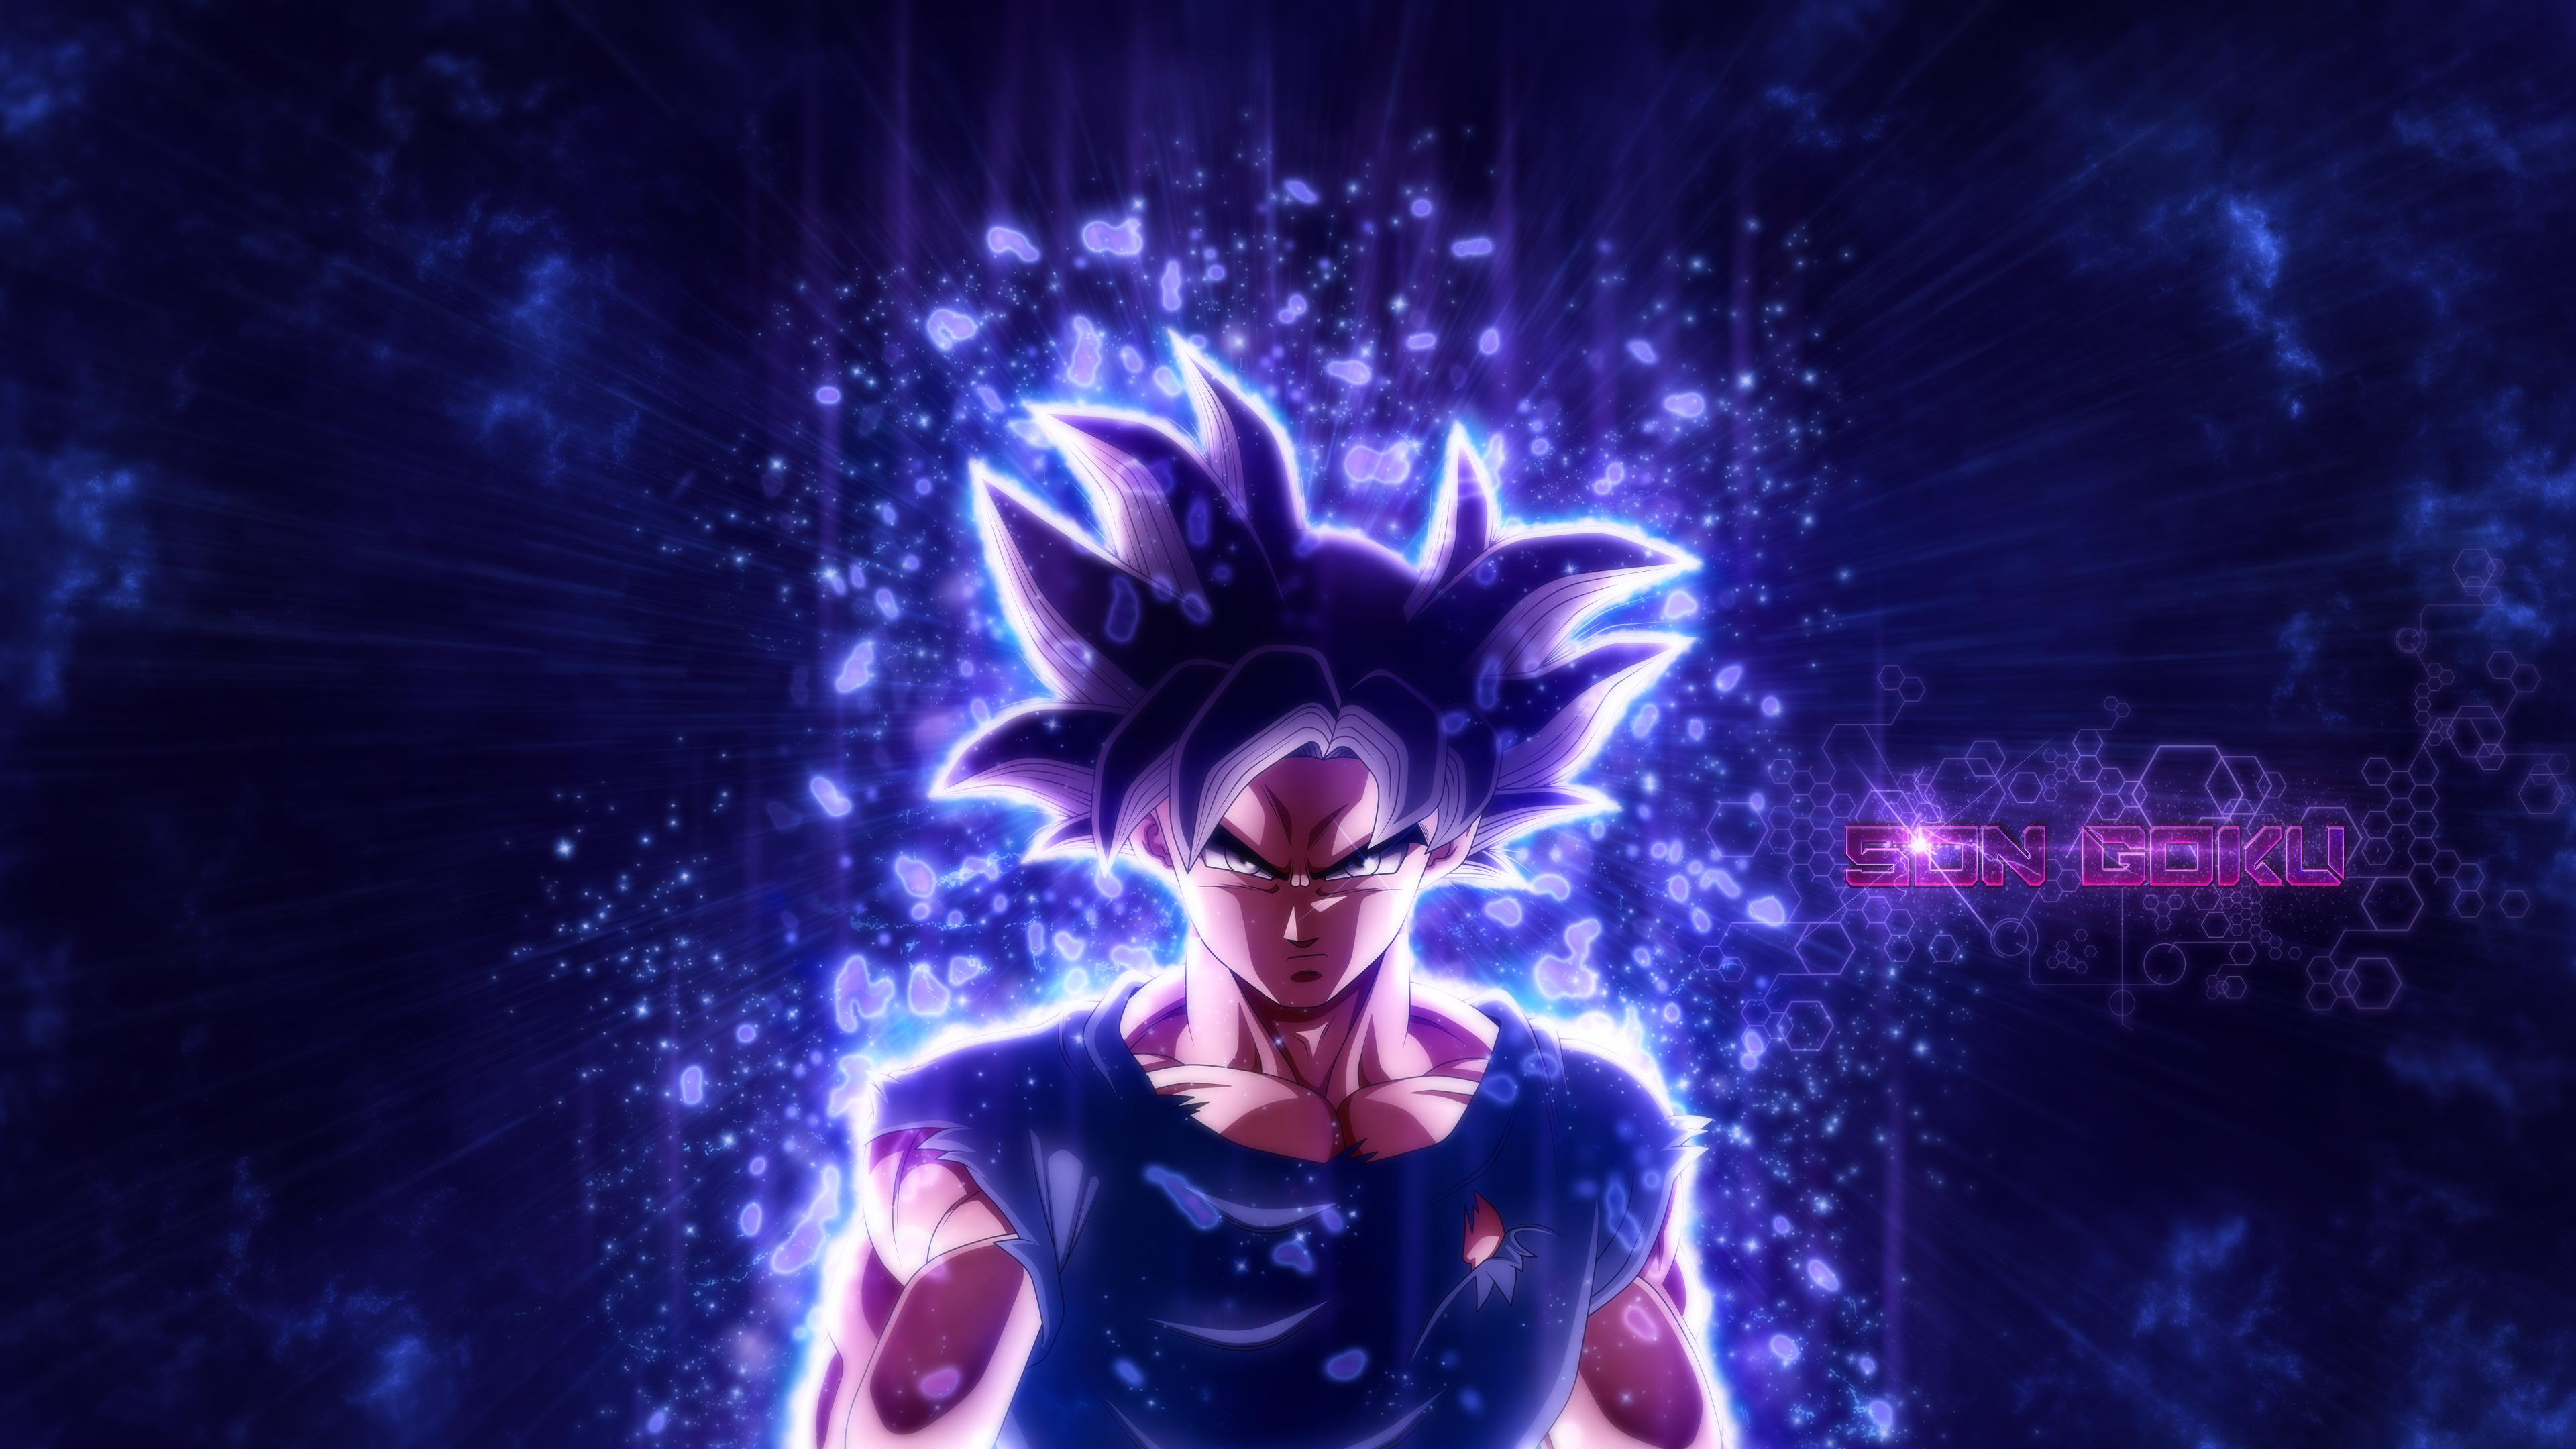 Wallpaper : Dragon Ball Super, Son Goku